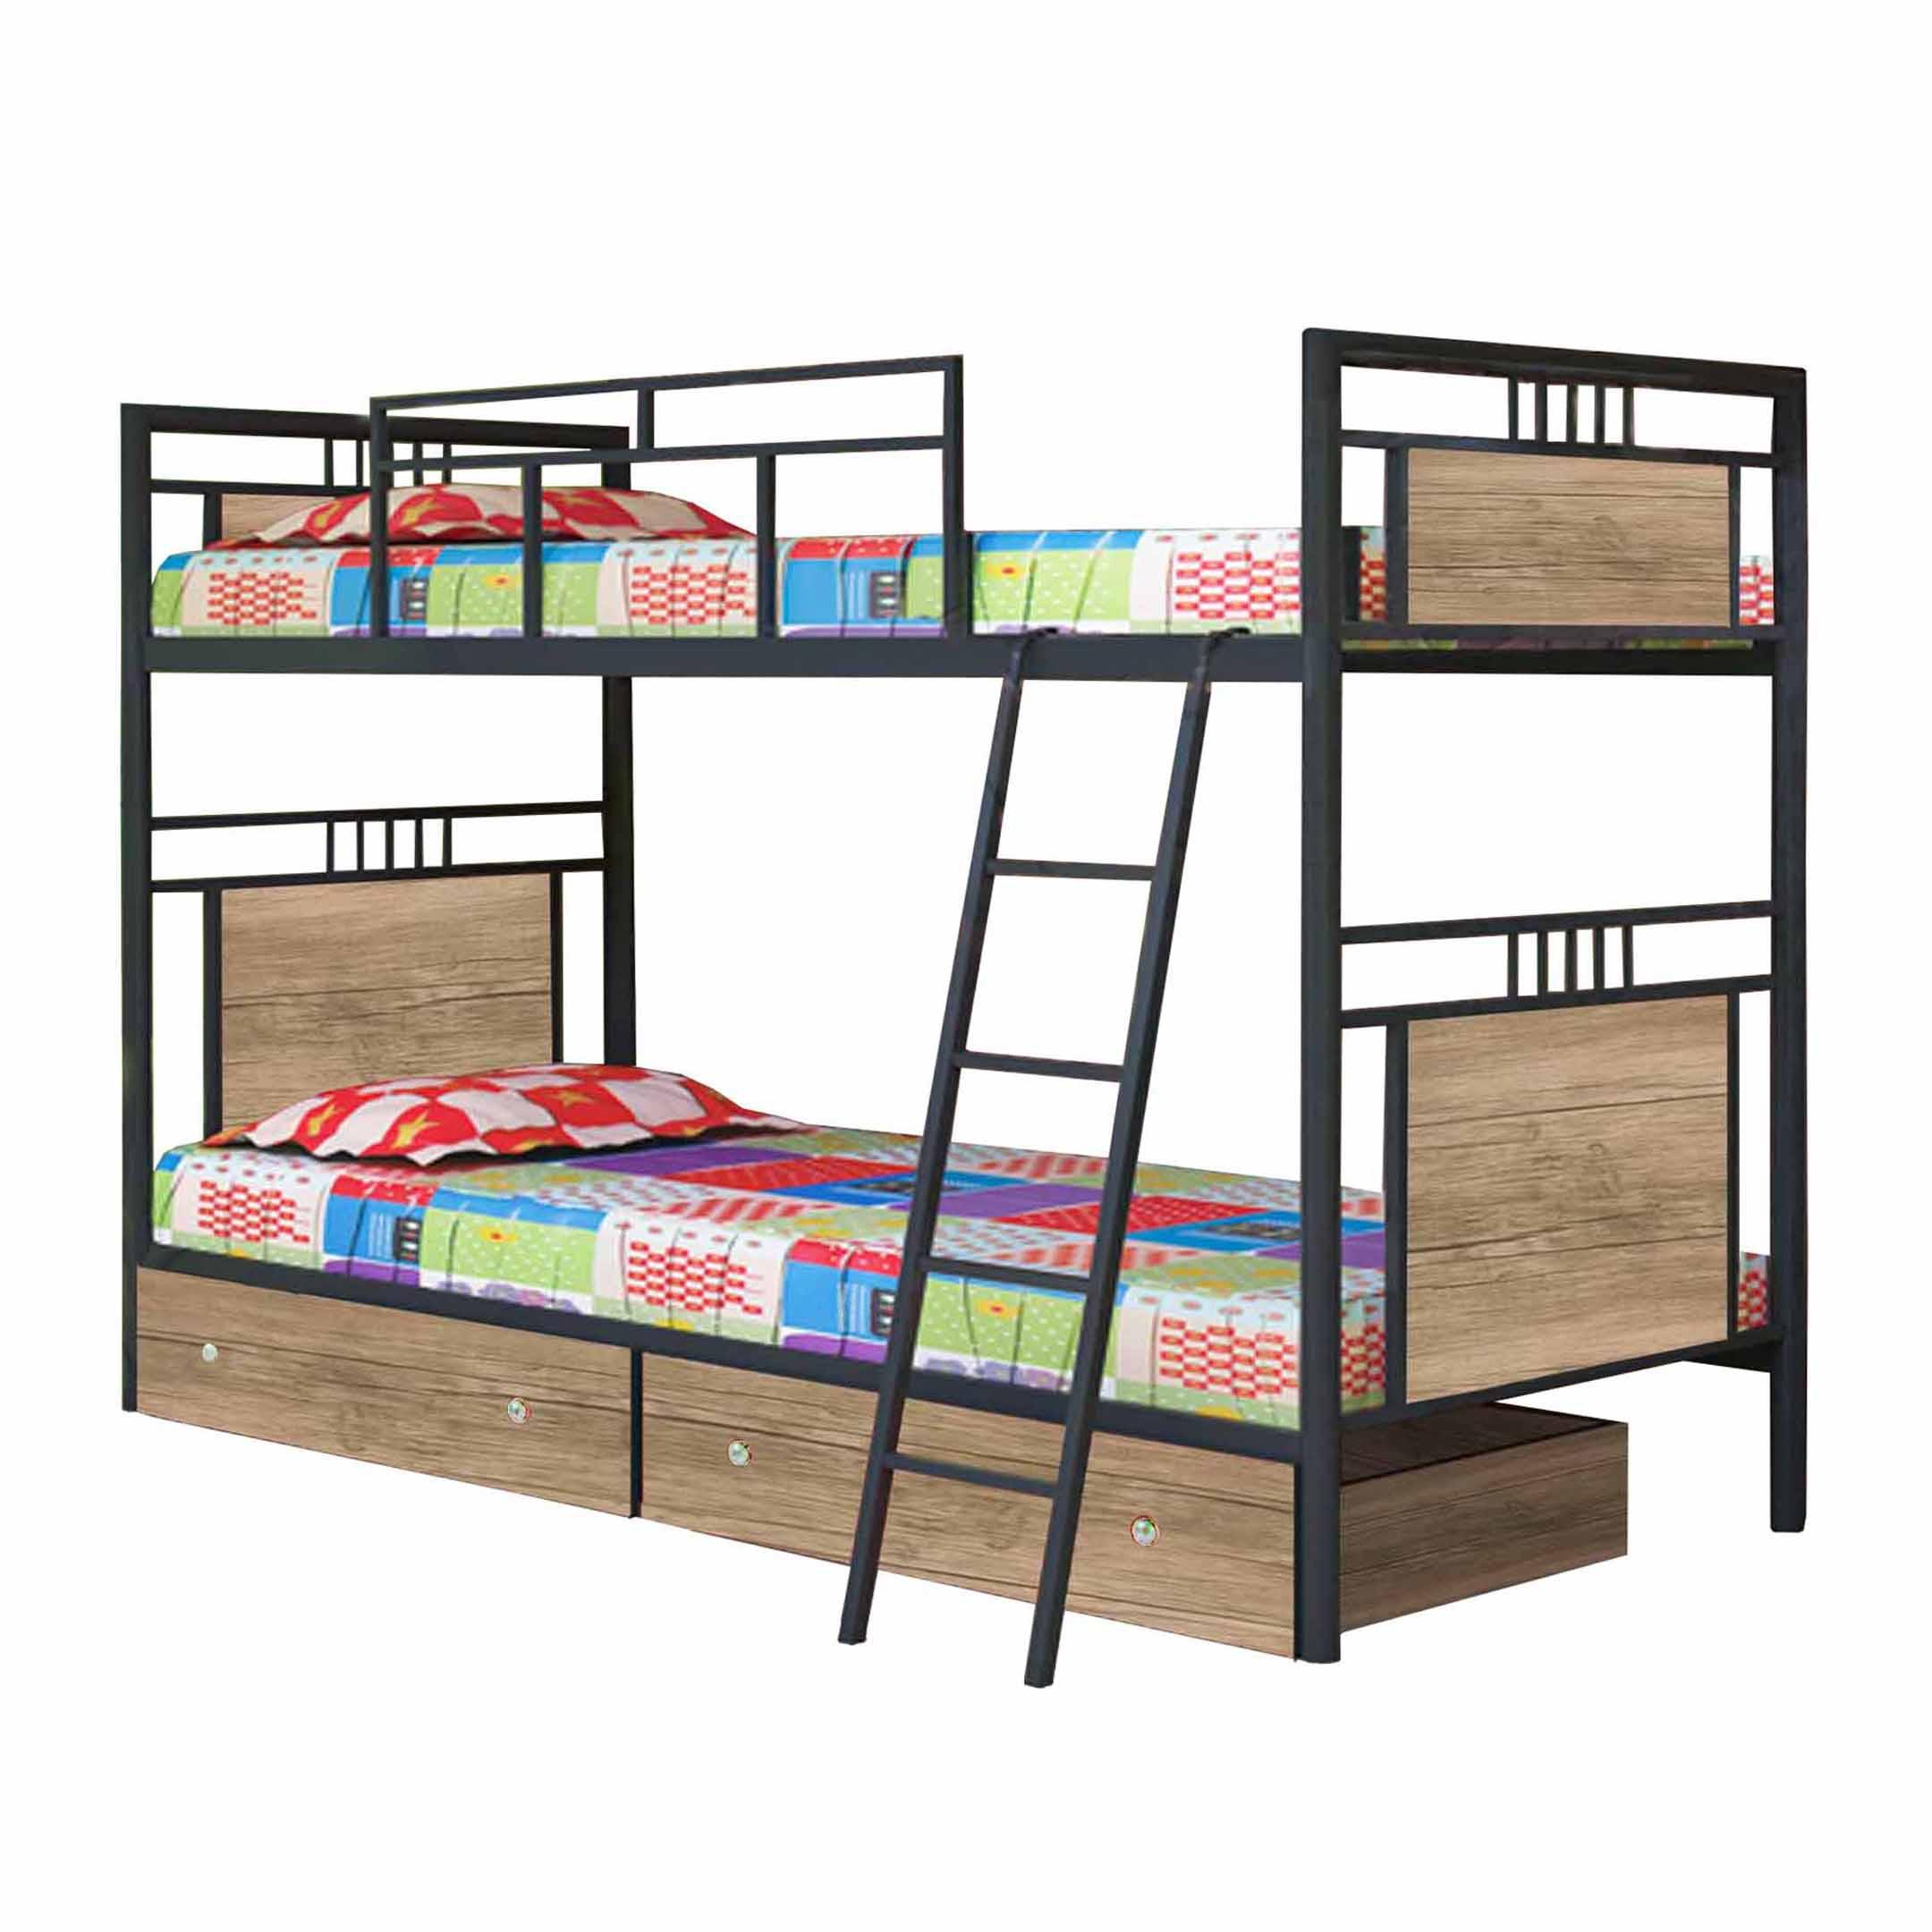 تخت خواب دو طبقه کد NA12 سایز ۹۰×۲۰۰ سانتیمتر